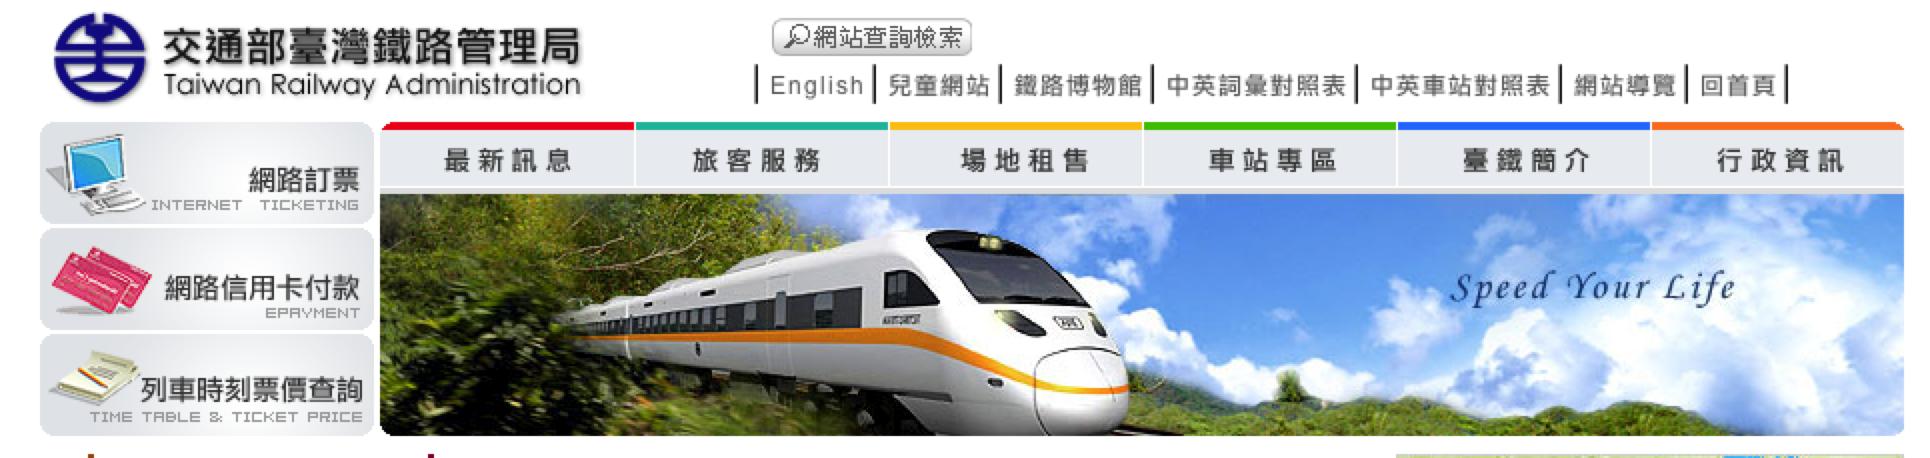 railway-web.png